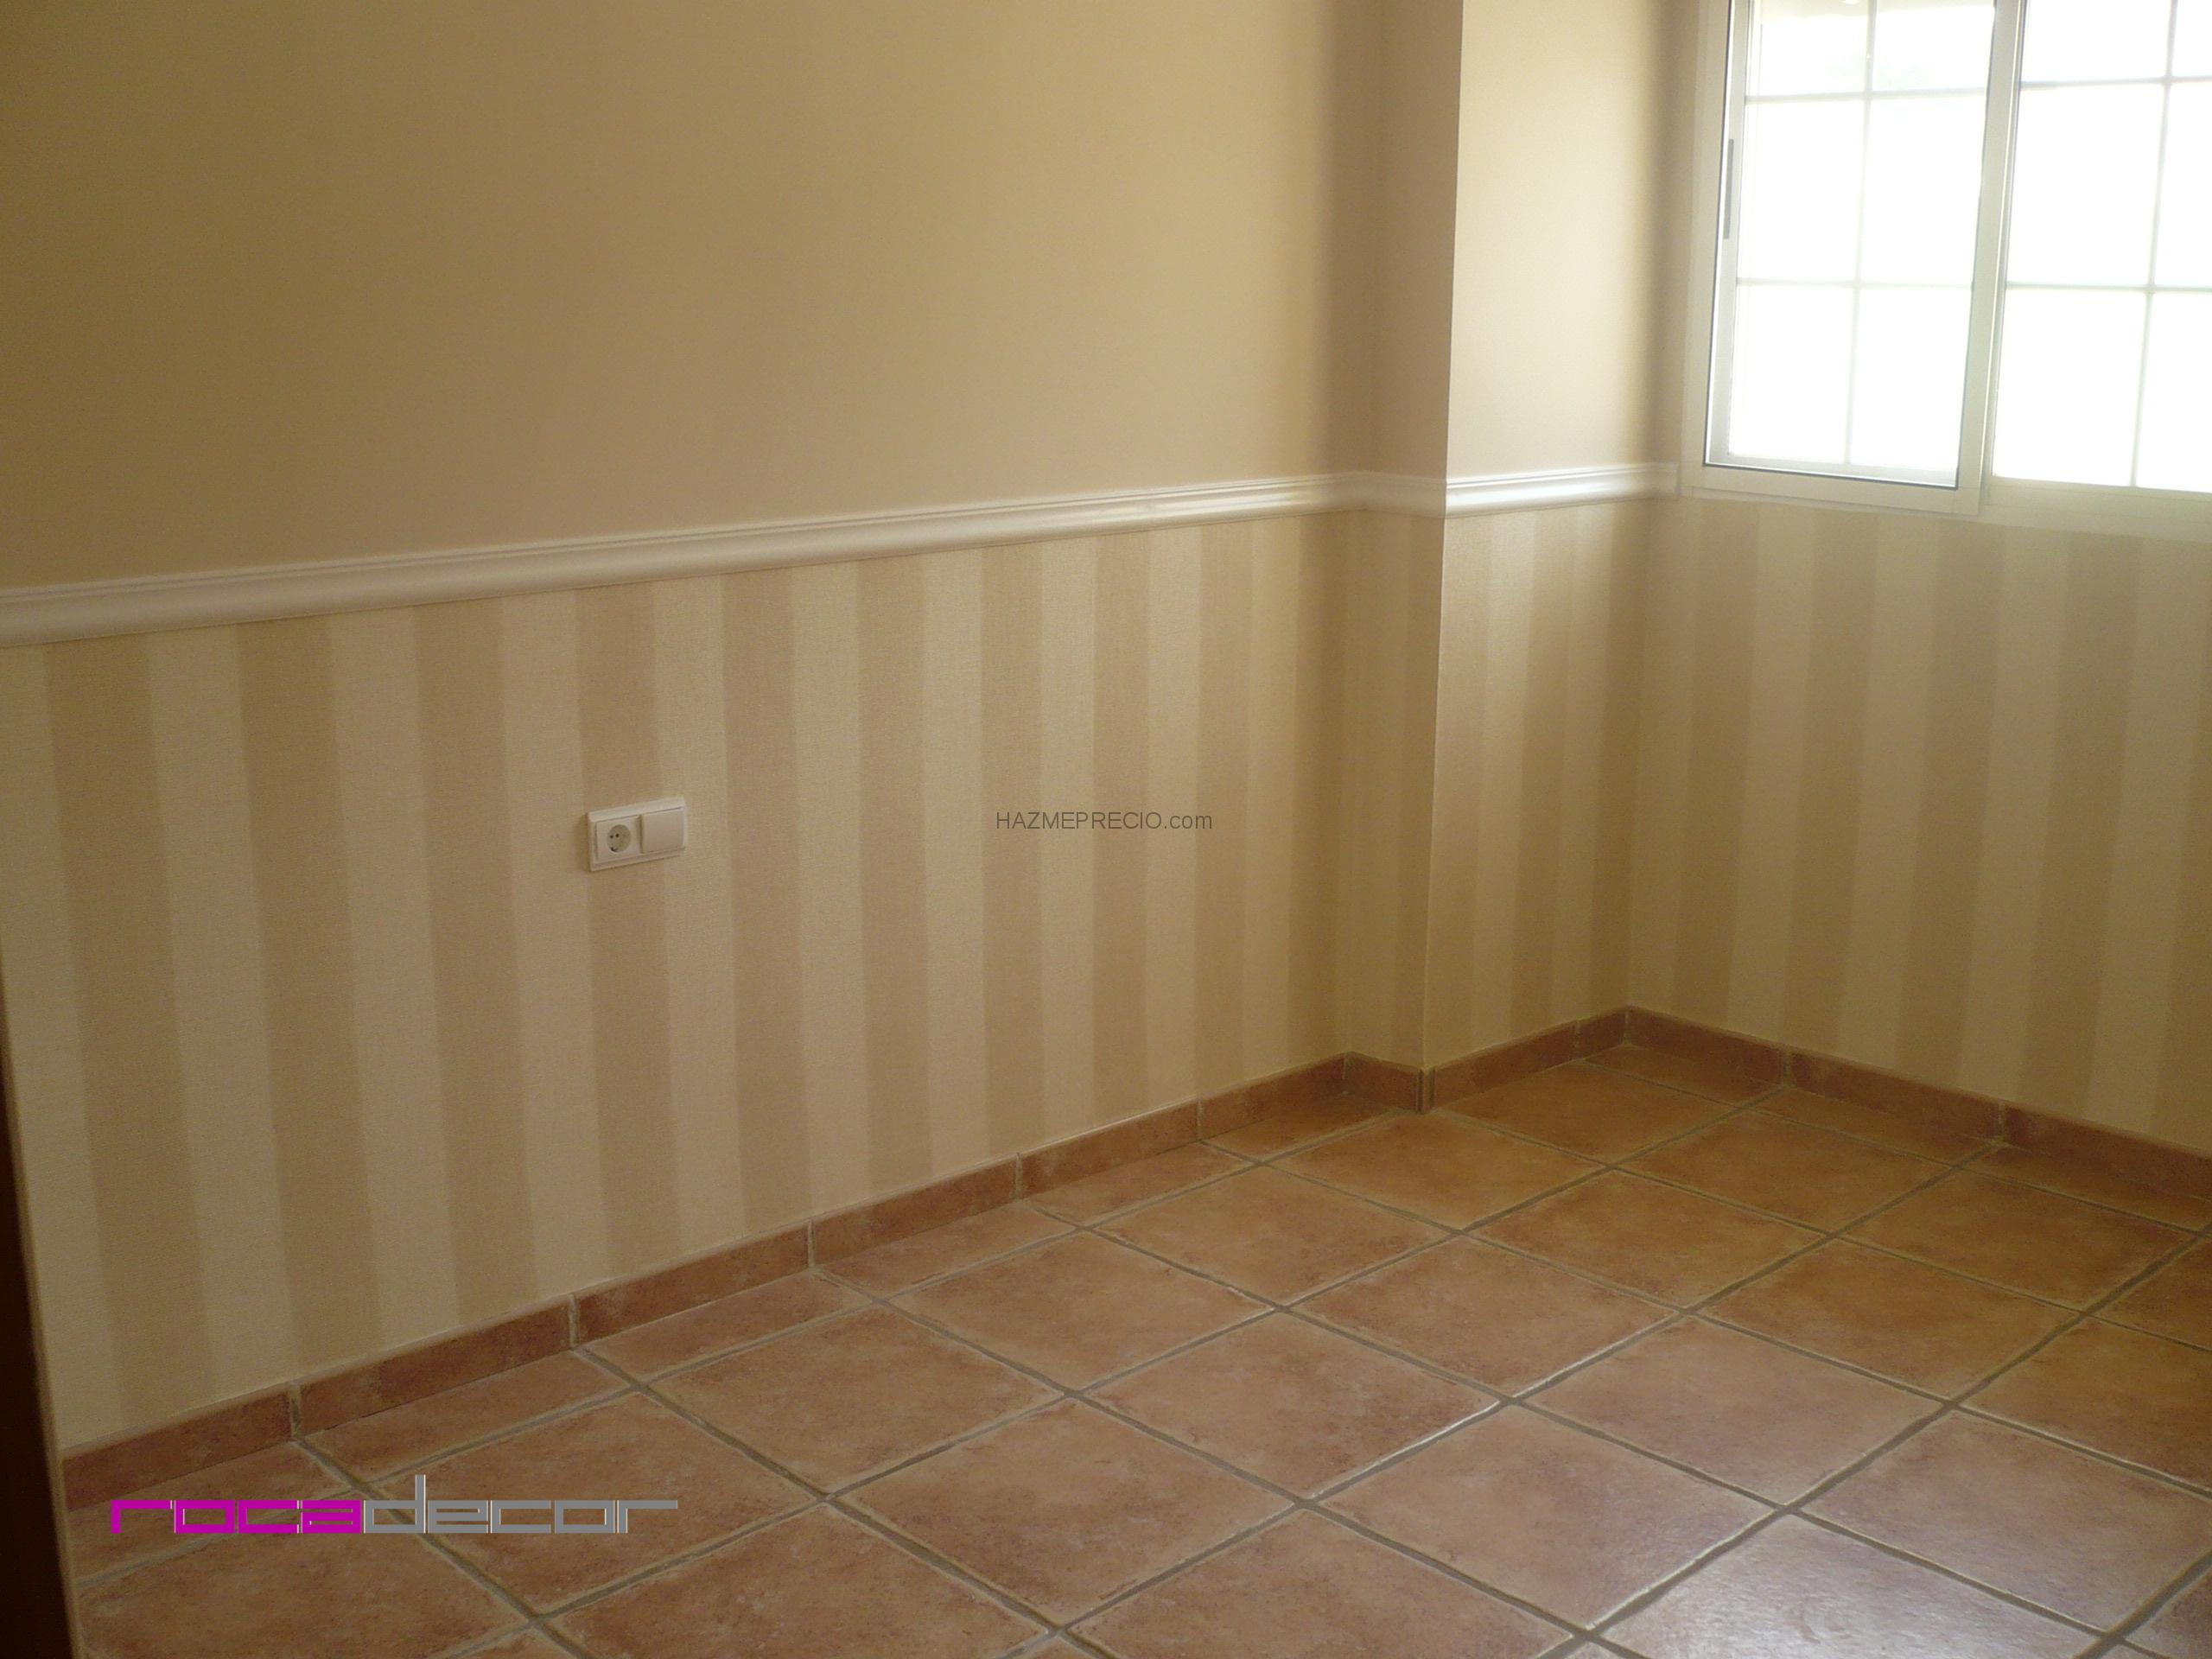 Presupuesto para pintar un piso de unos 70metros cuadrados for Presupuesto pintar piso 80 metros